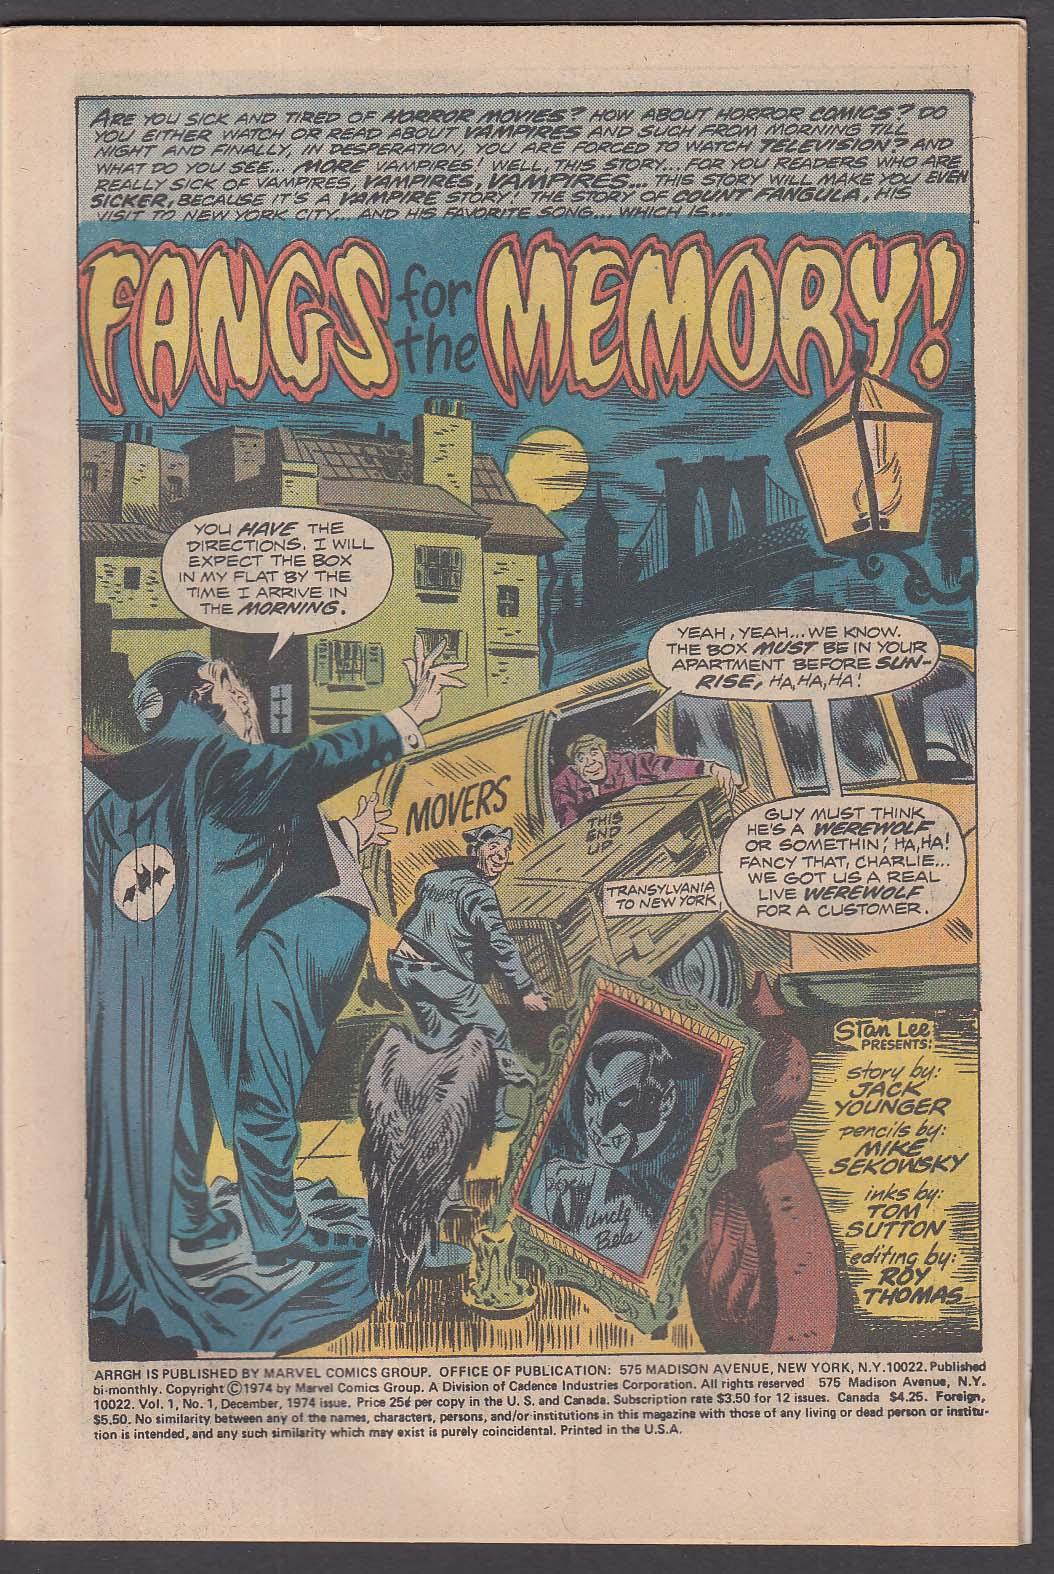 ARRGH Vol 1 #1 Marvel comic book 12 1974